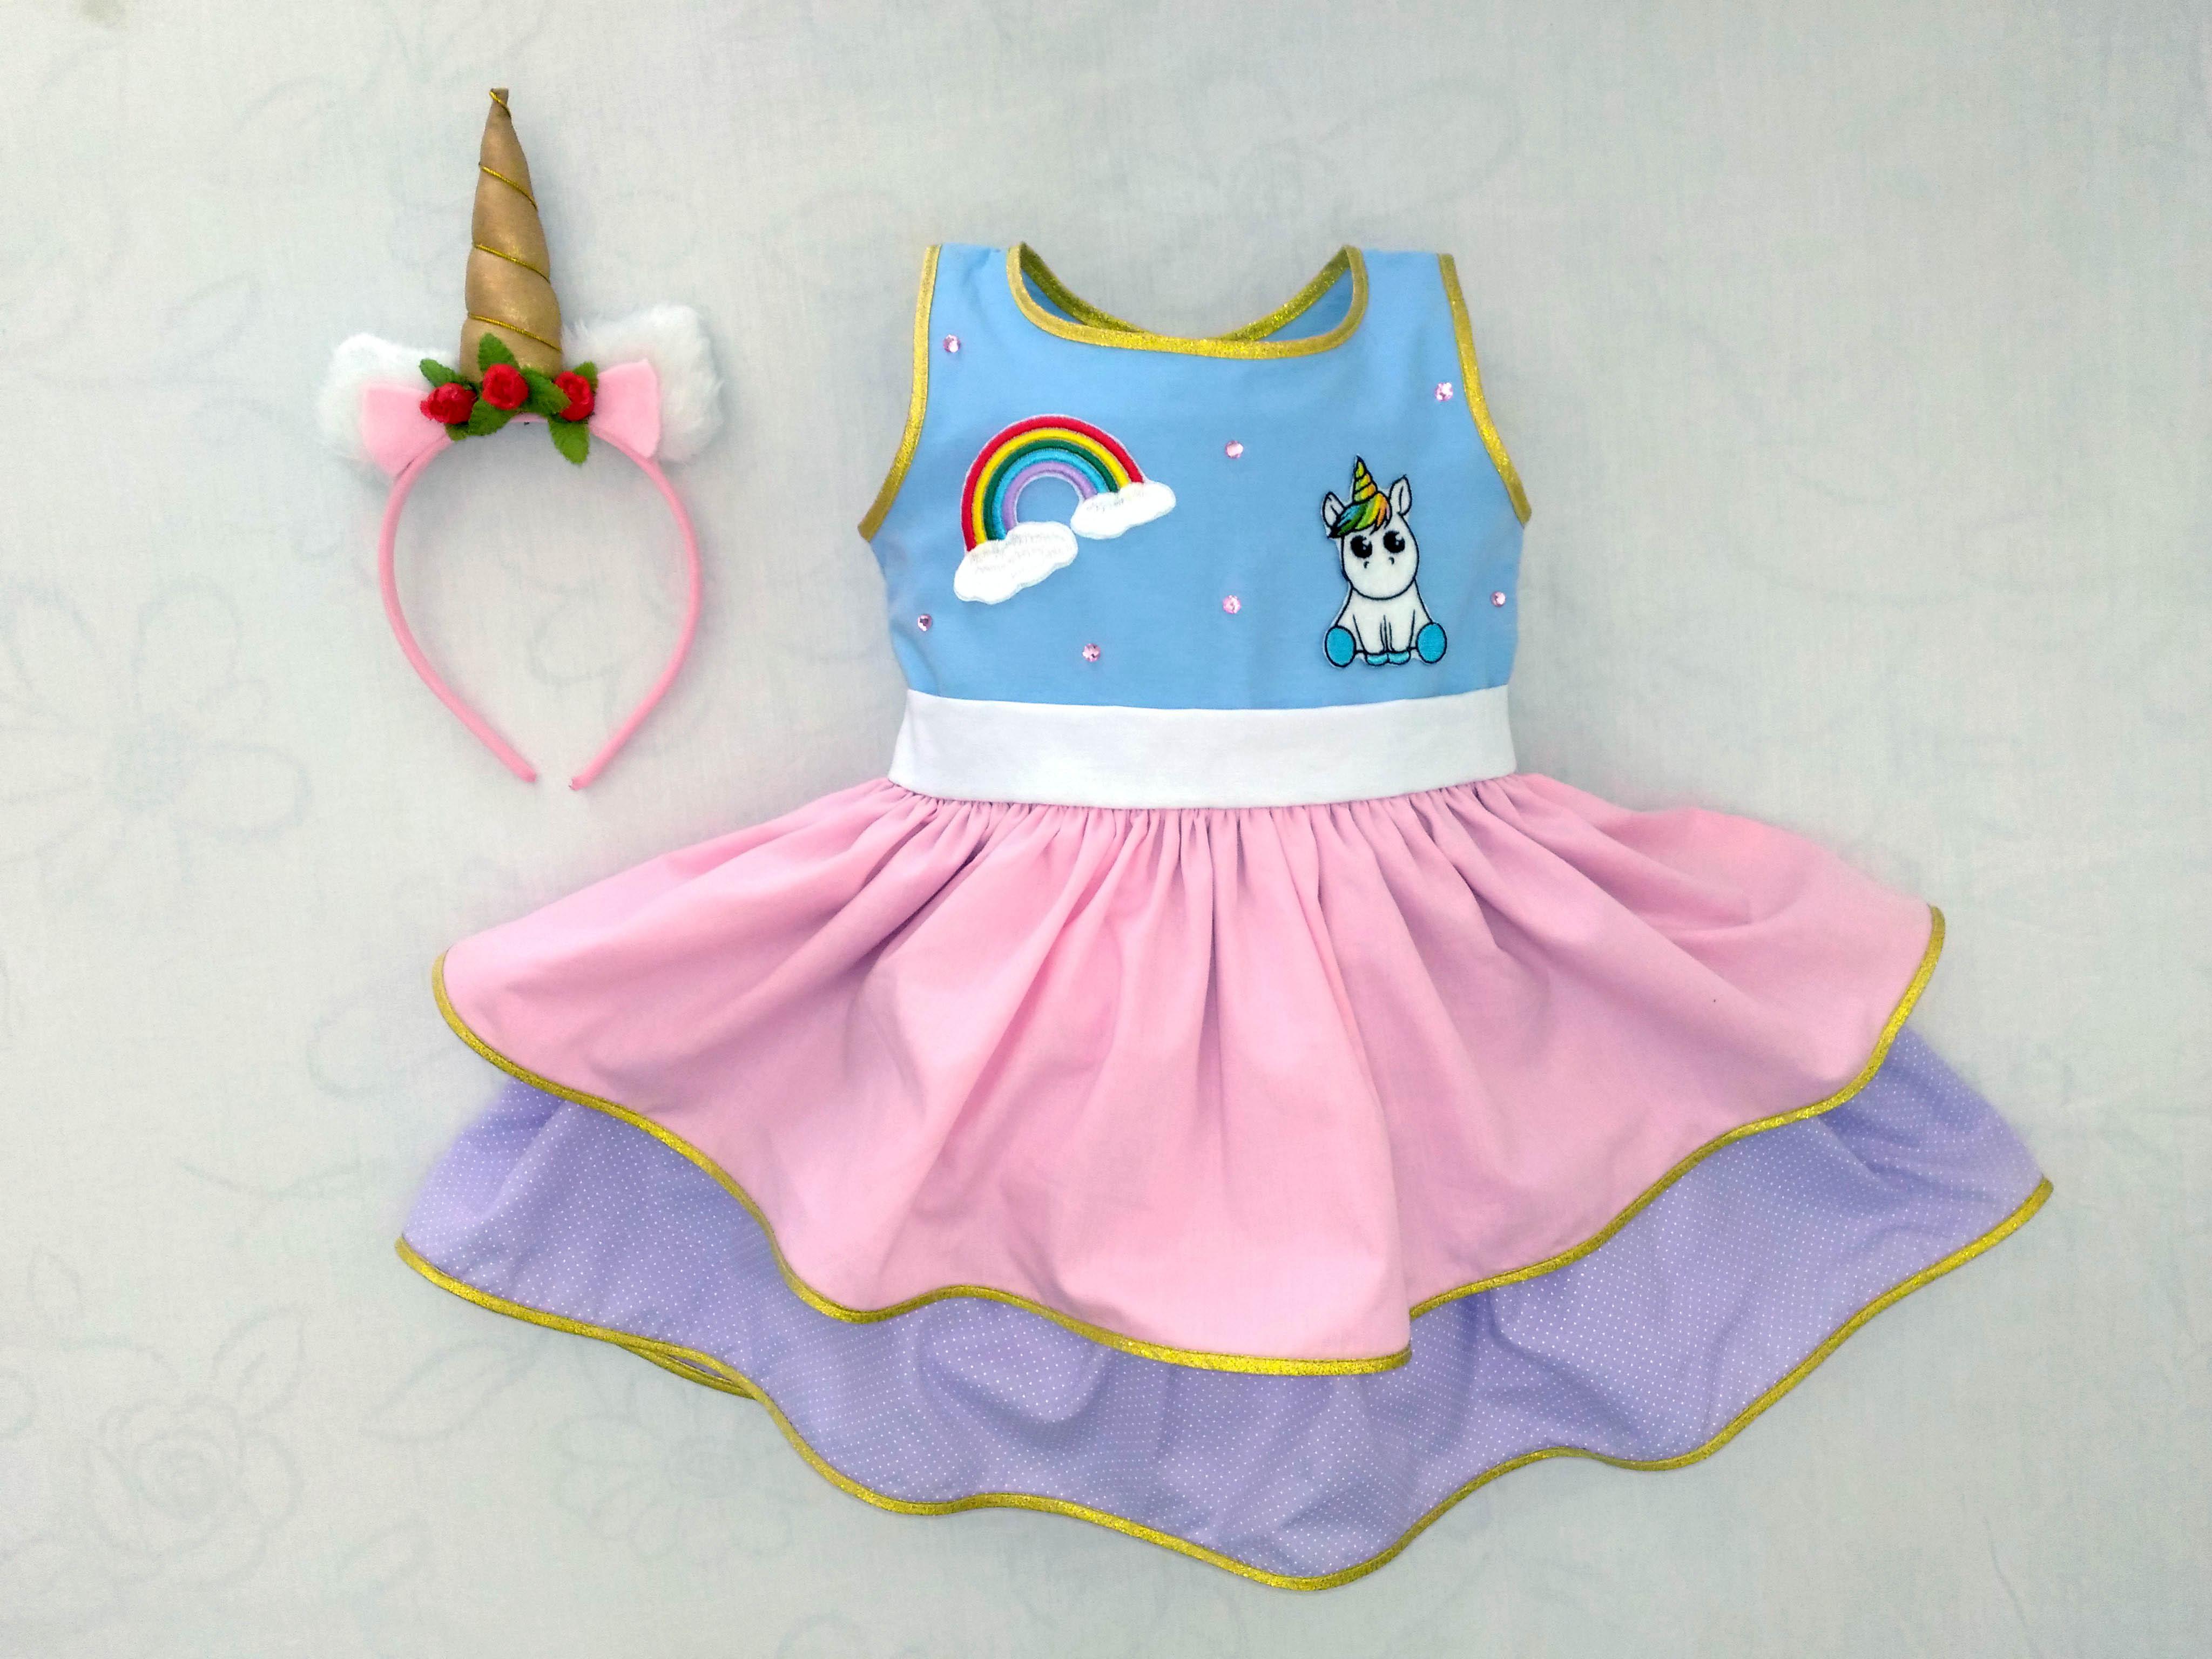 Vestido Fantasia Unicornio Com Tiara No Elo7 Vestidos Da Bela Oficial 9c1a84